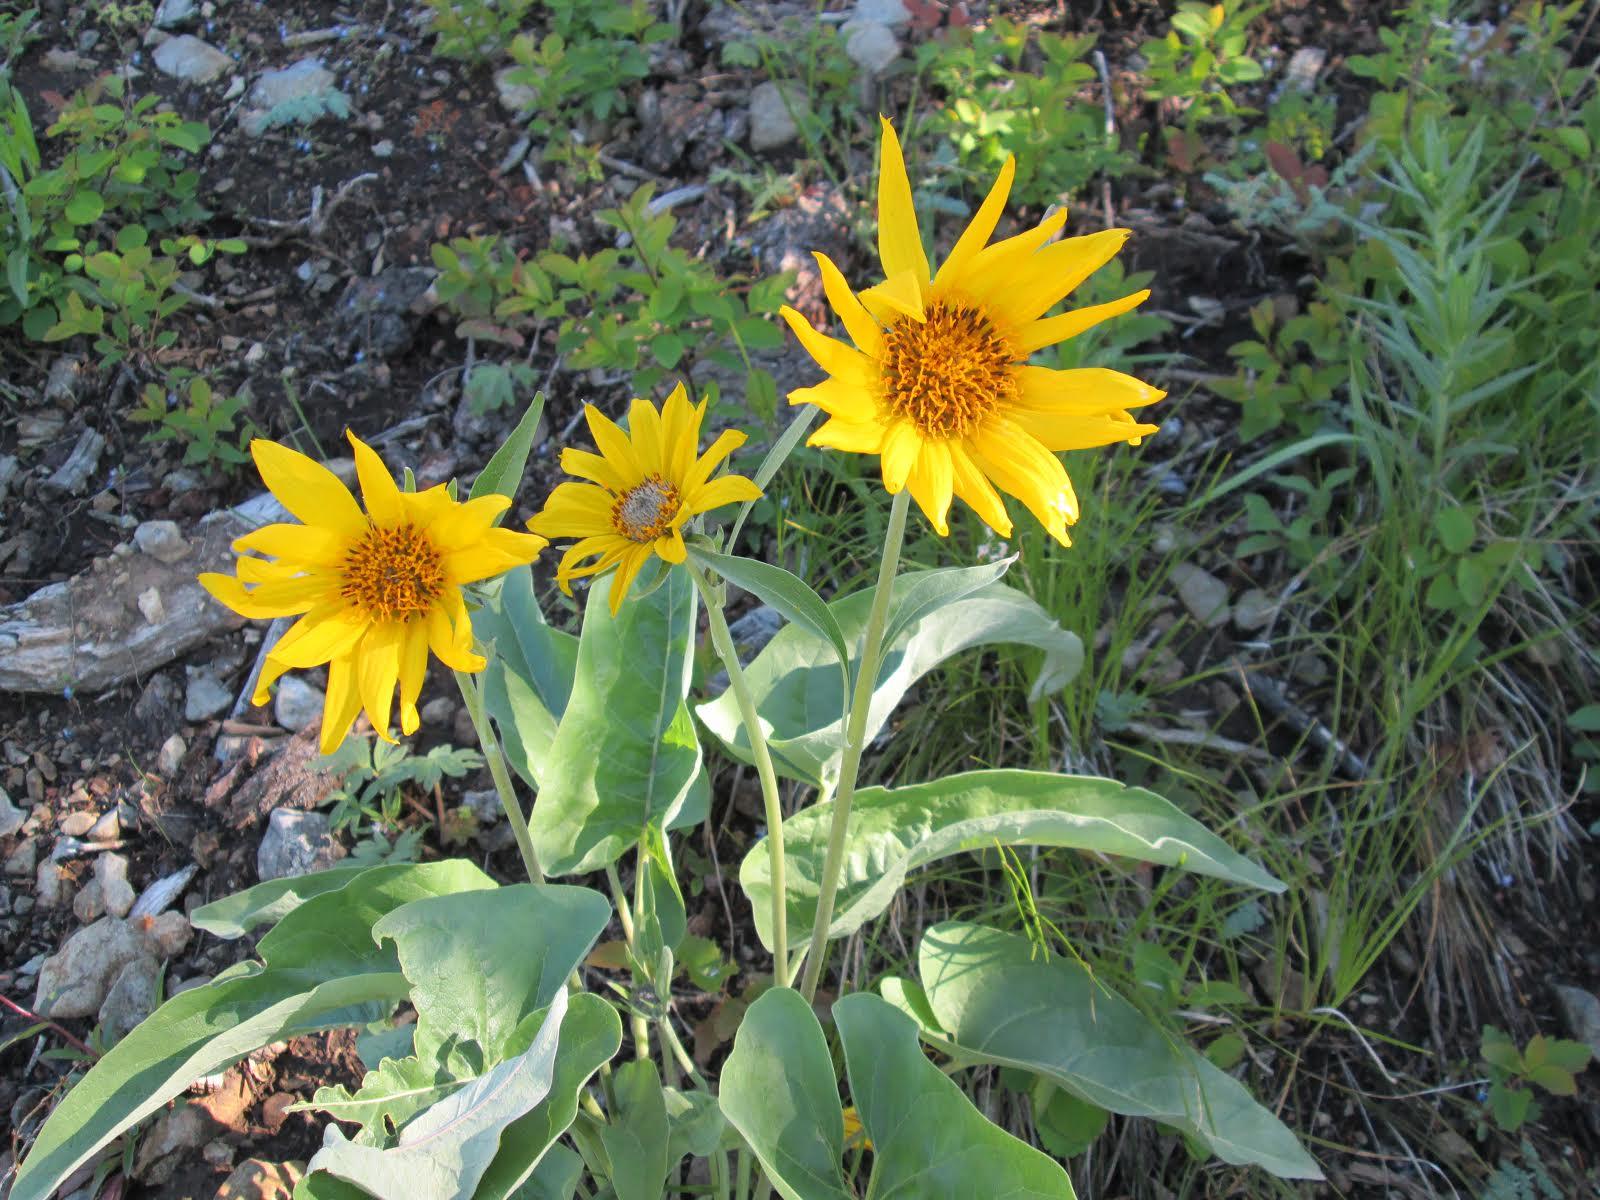 otgflower